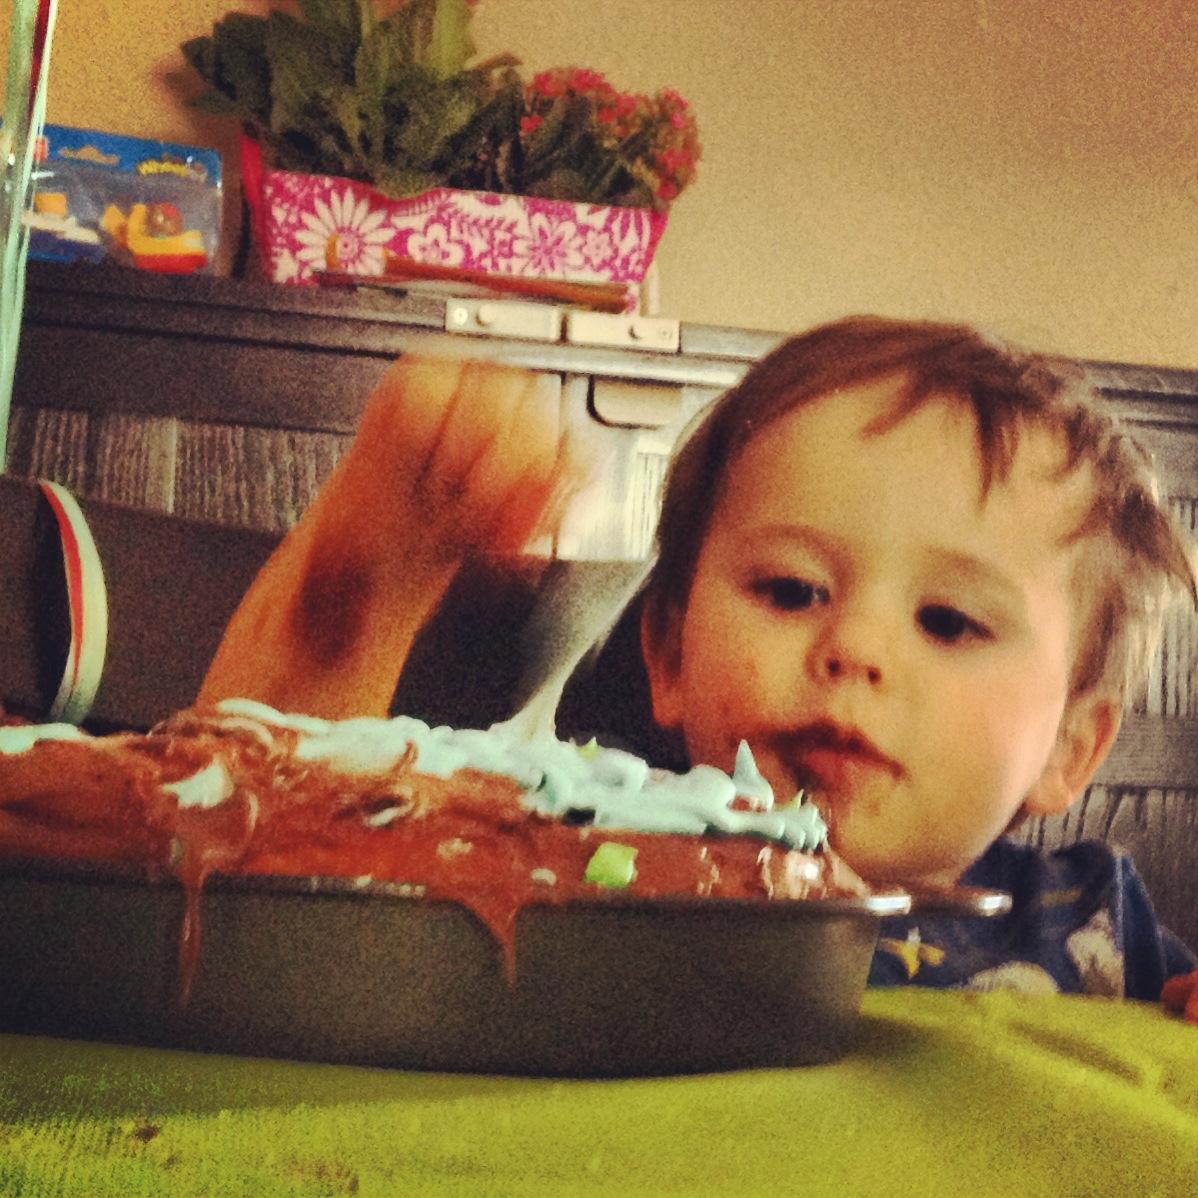 Hudson cake eating demo